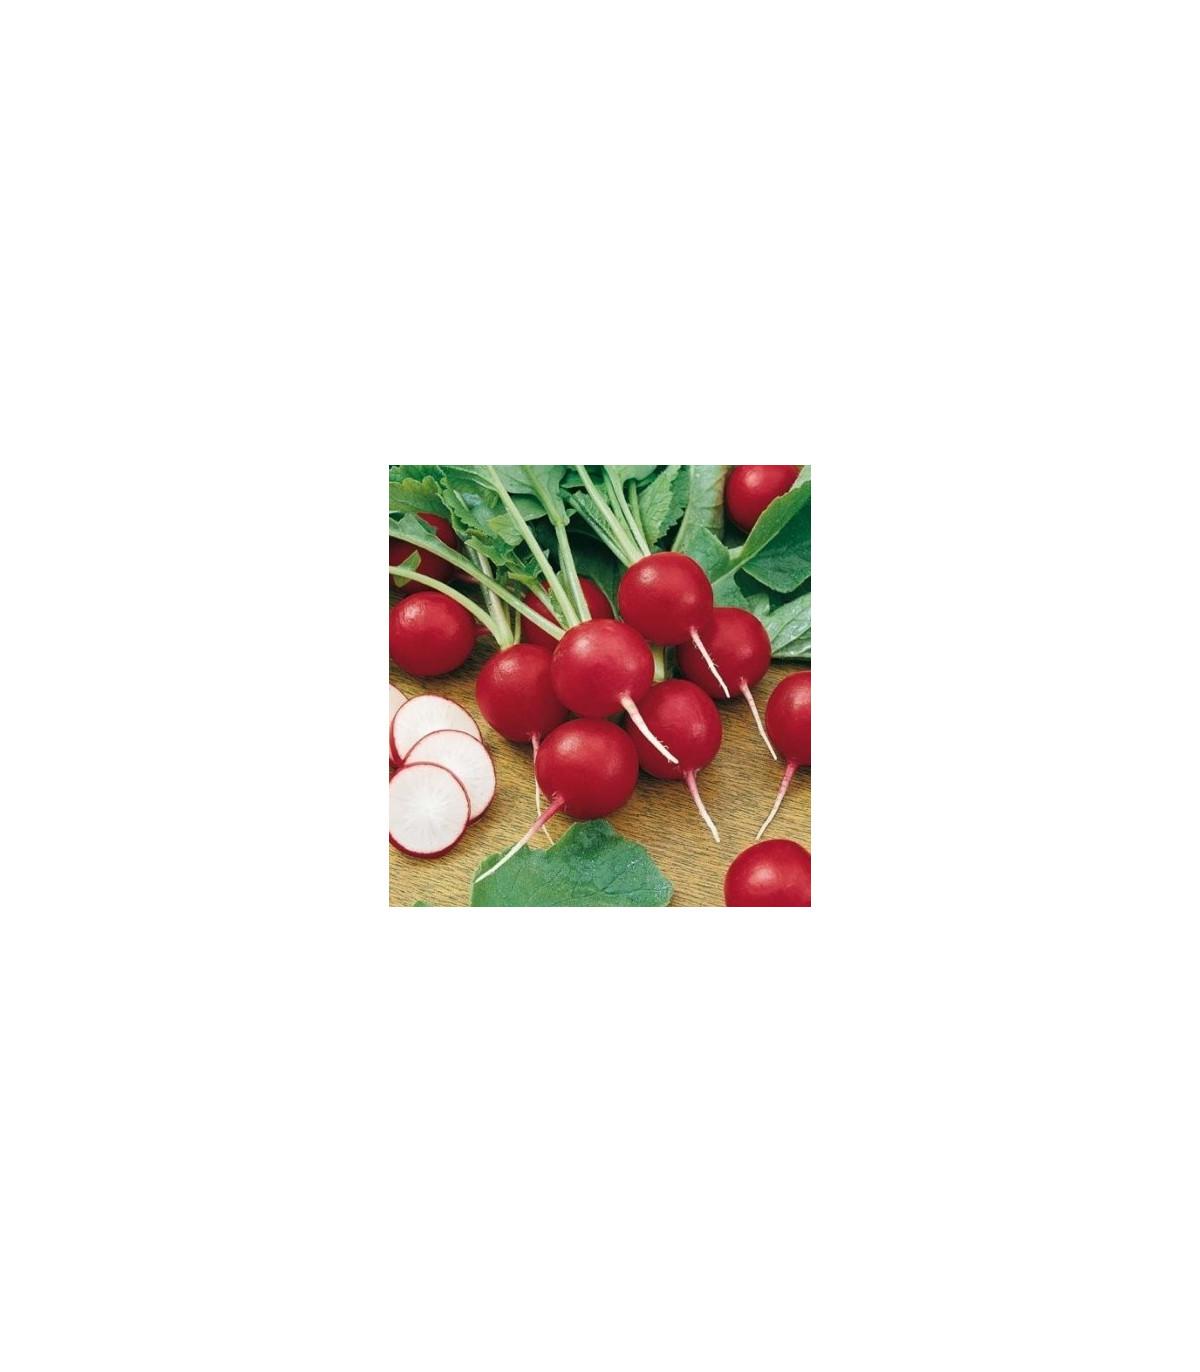 BIO Reďkovka Topsi - semená reďkovky - semiačka - 0,3 gr